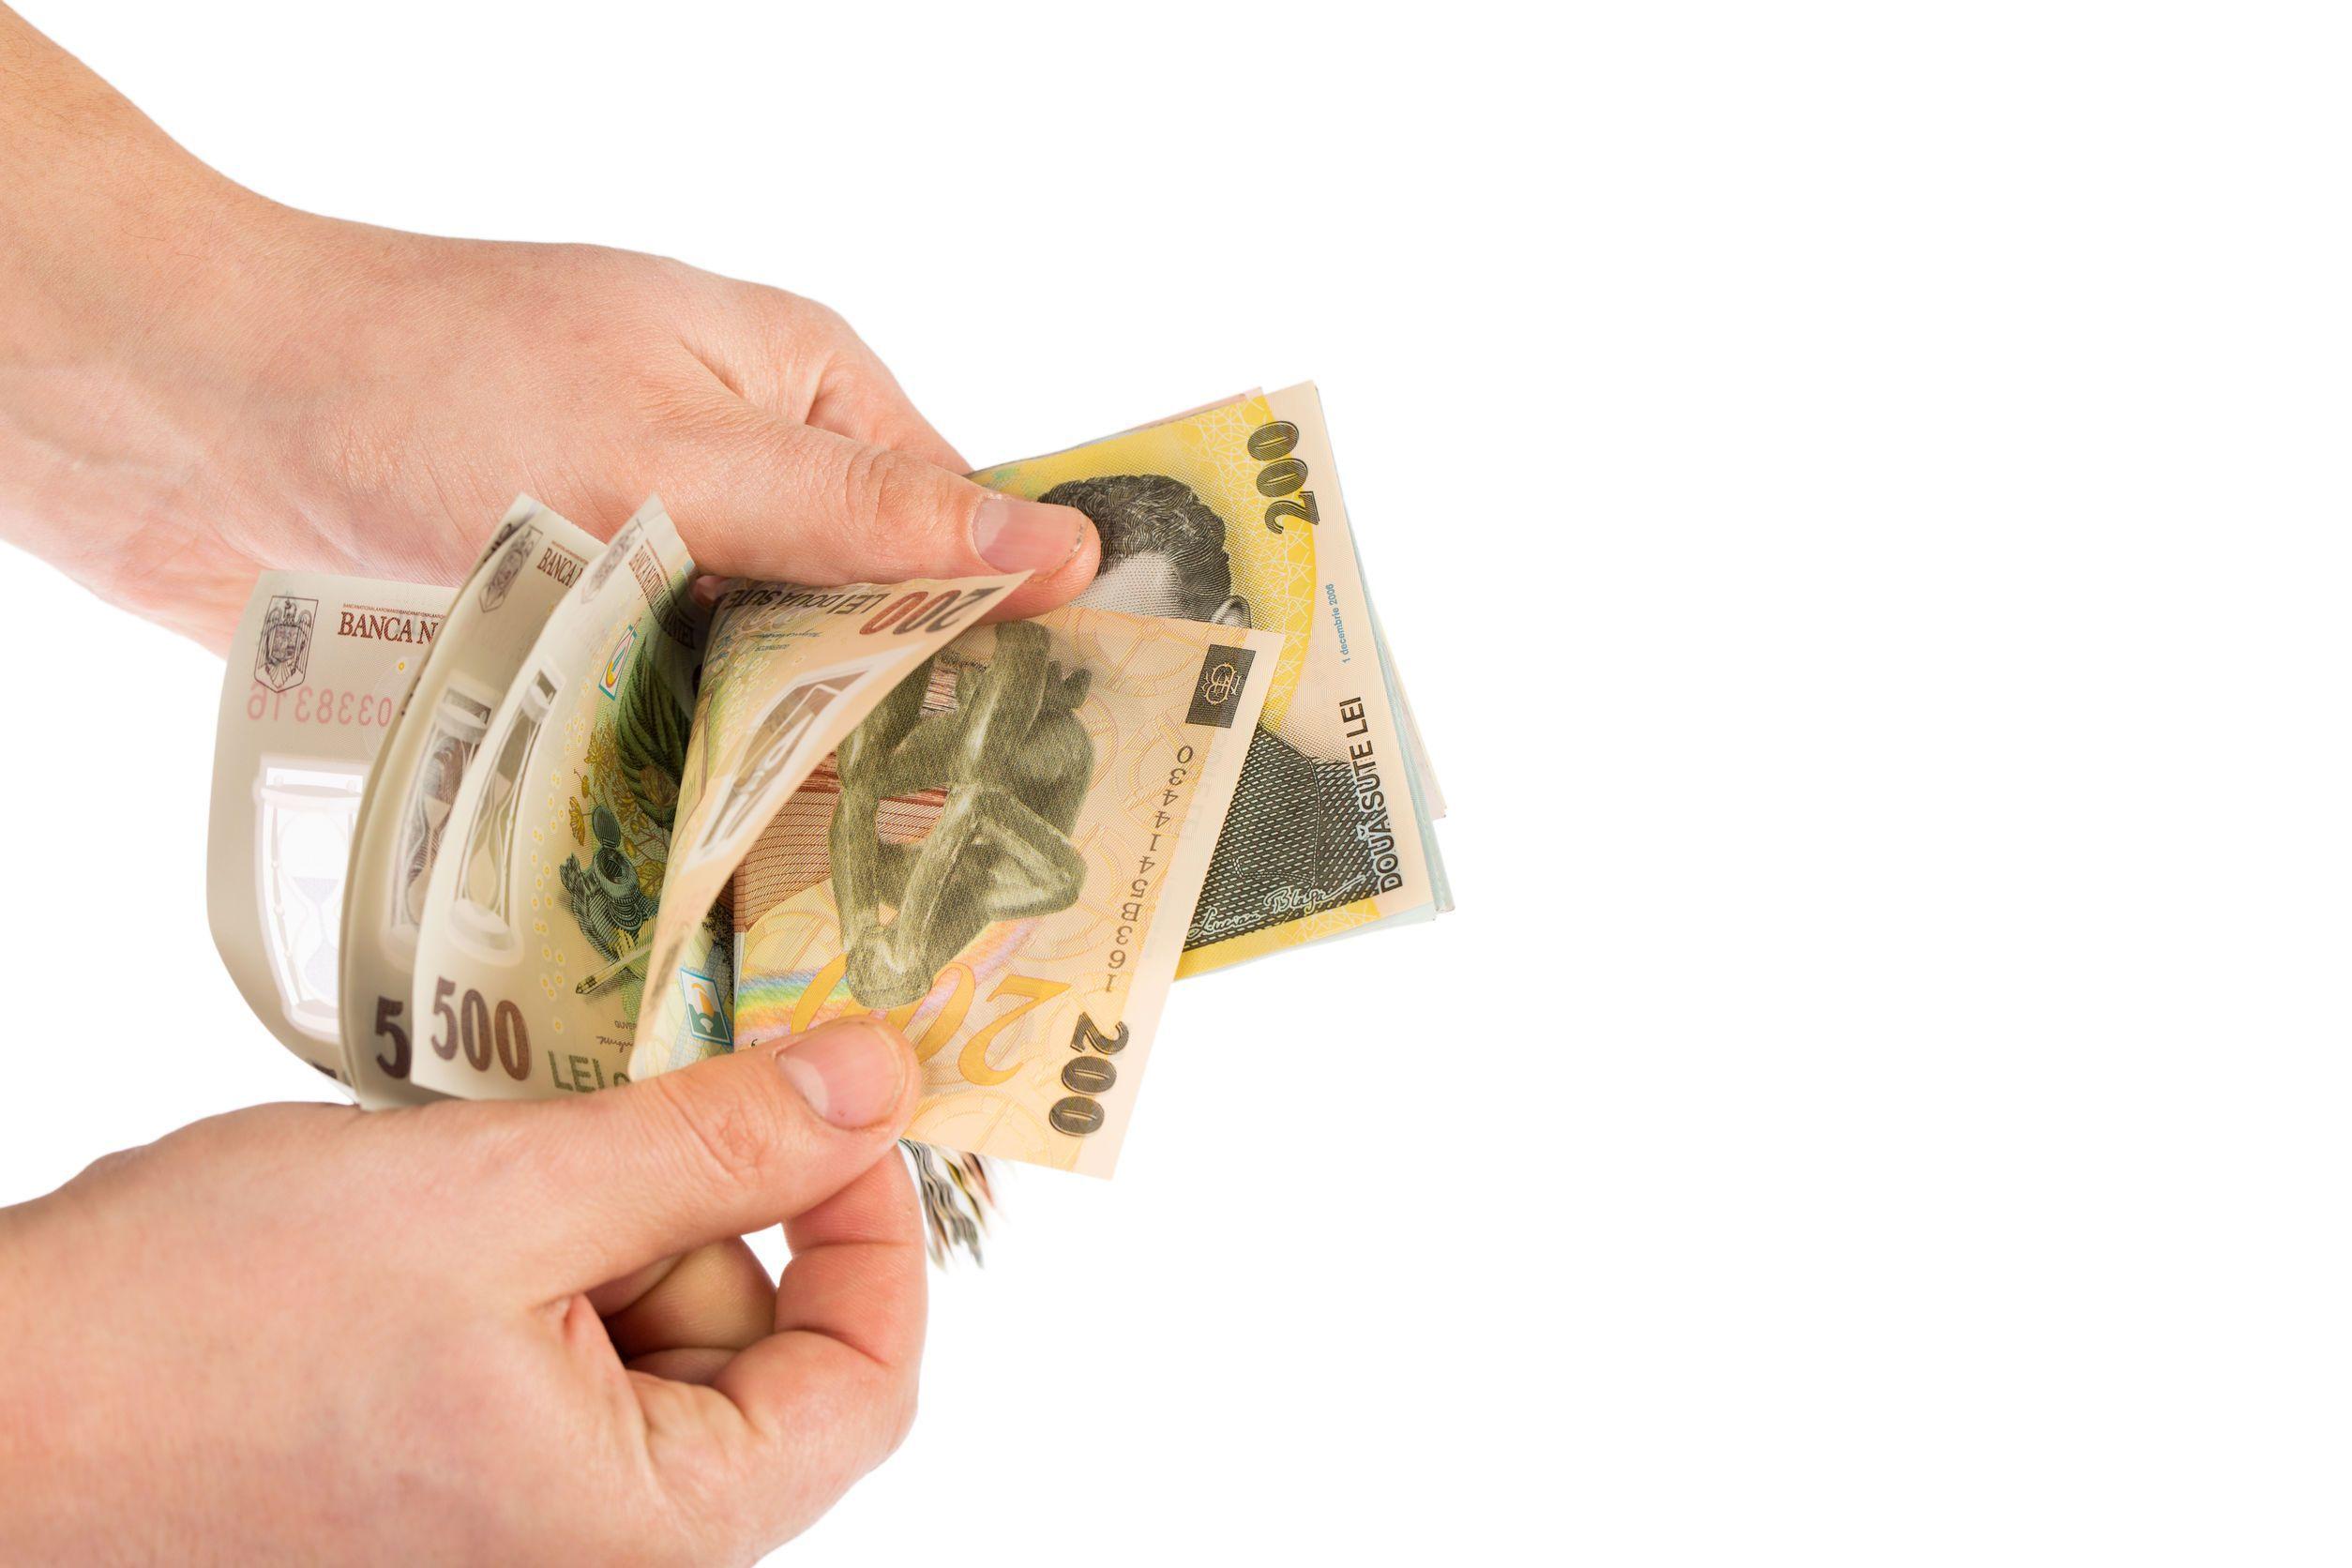 un mod fiabil de a câștiga bani pe internet fără investiții de bază de tranzacționare de unde să înceapă